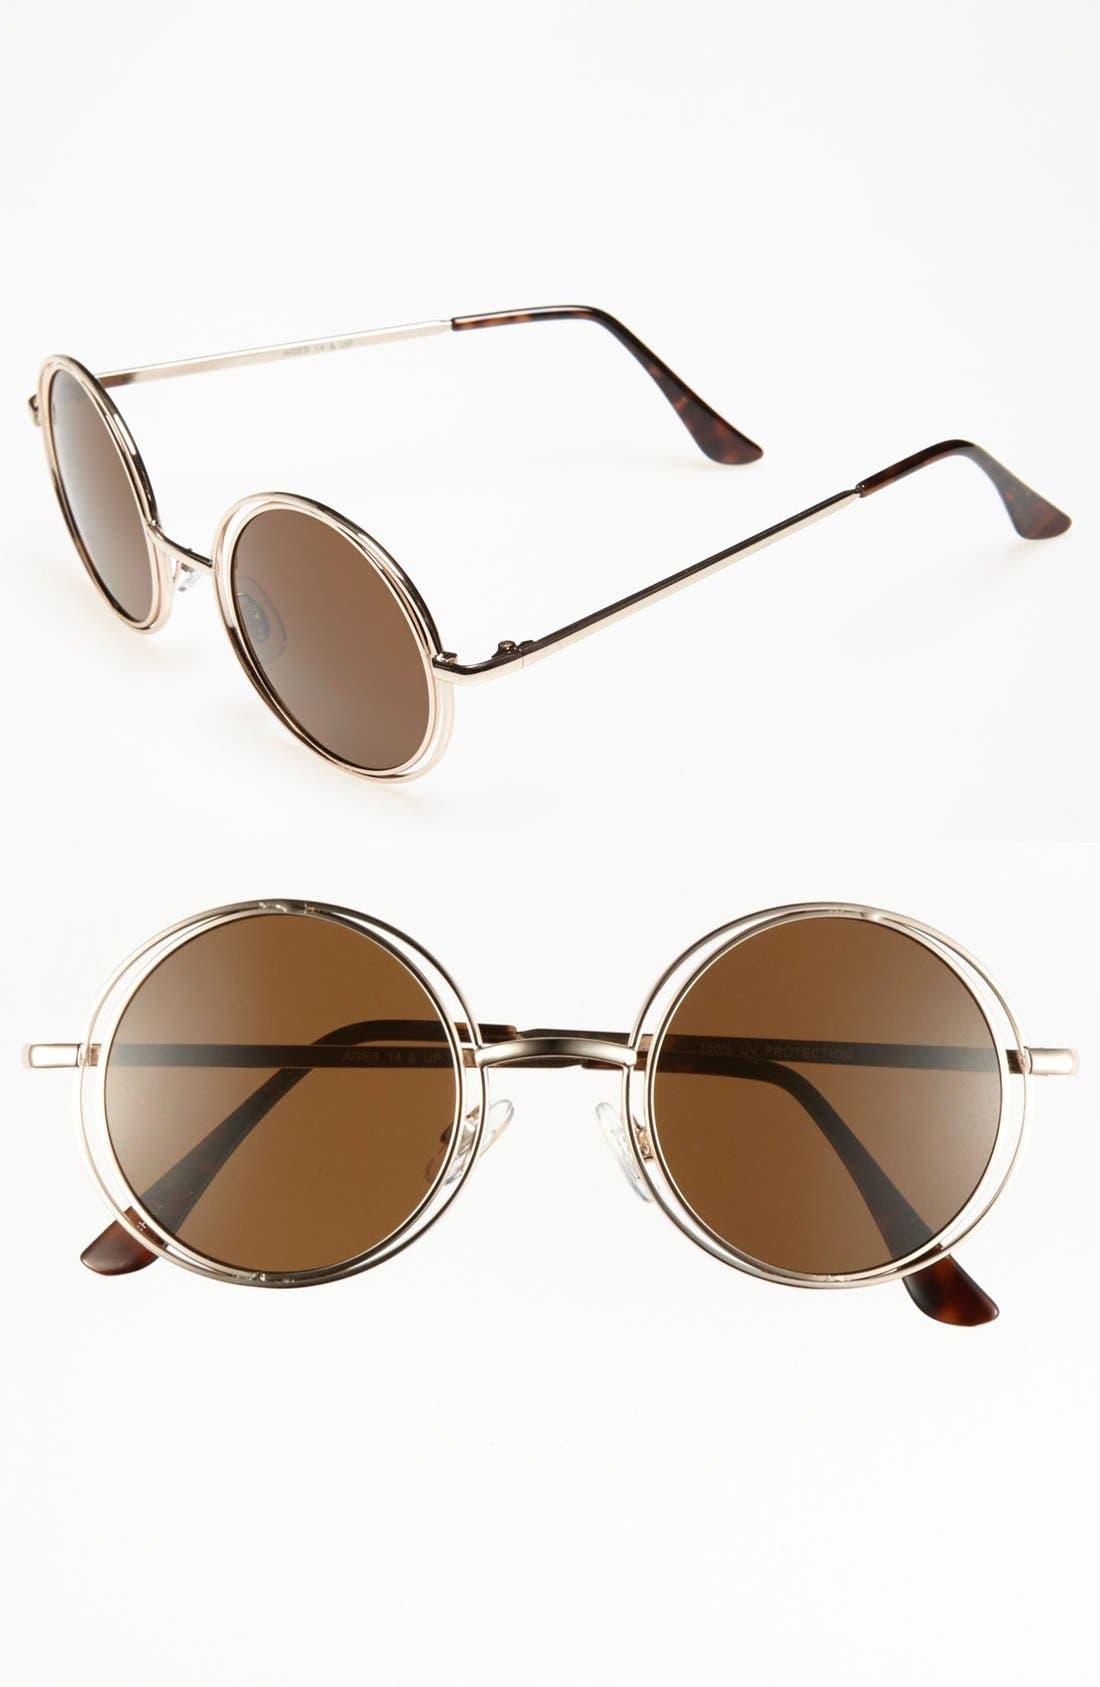 Main Image - FE NY 'Modusopera' Sunglasses